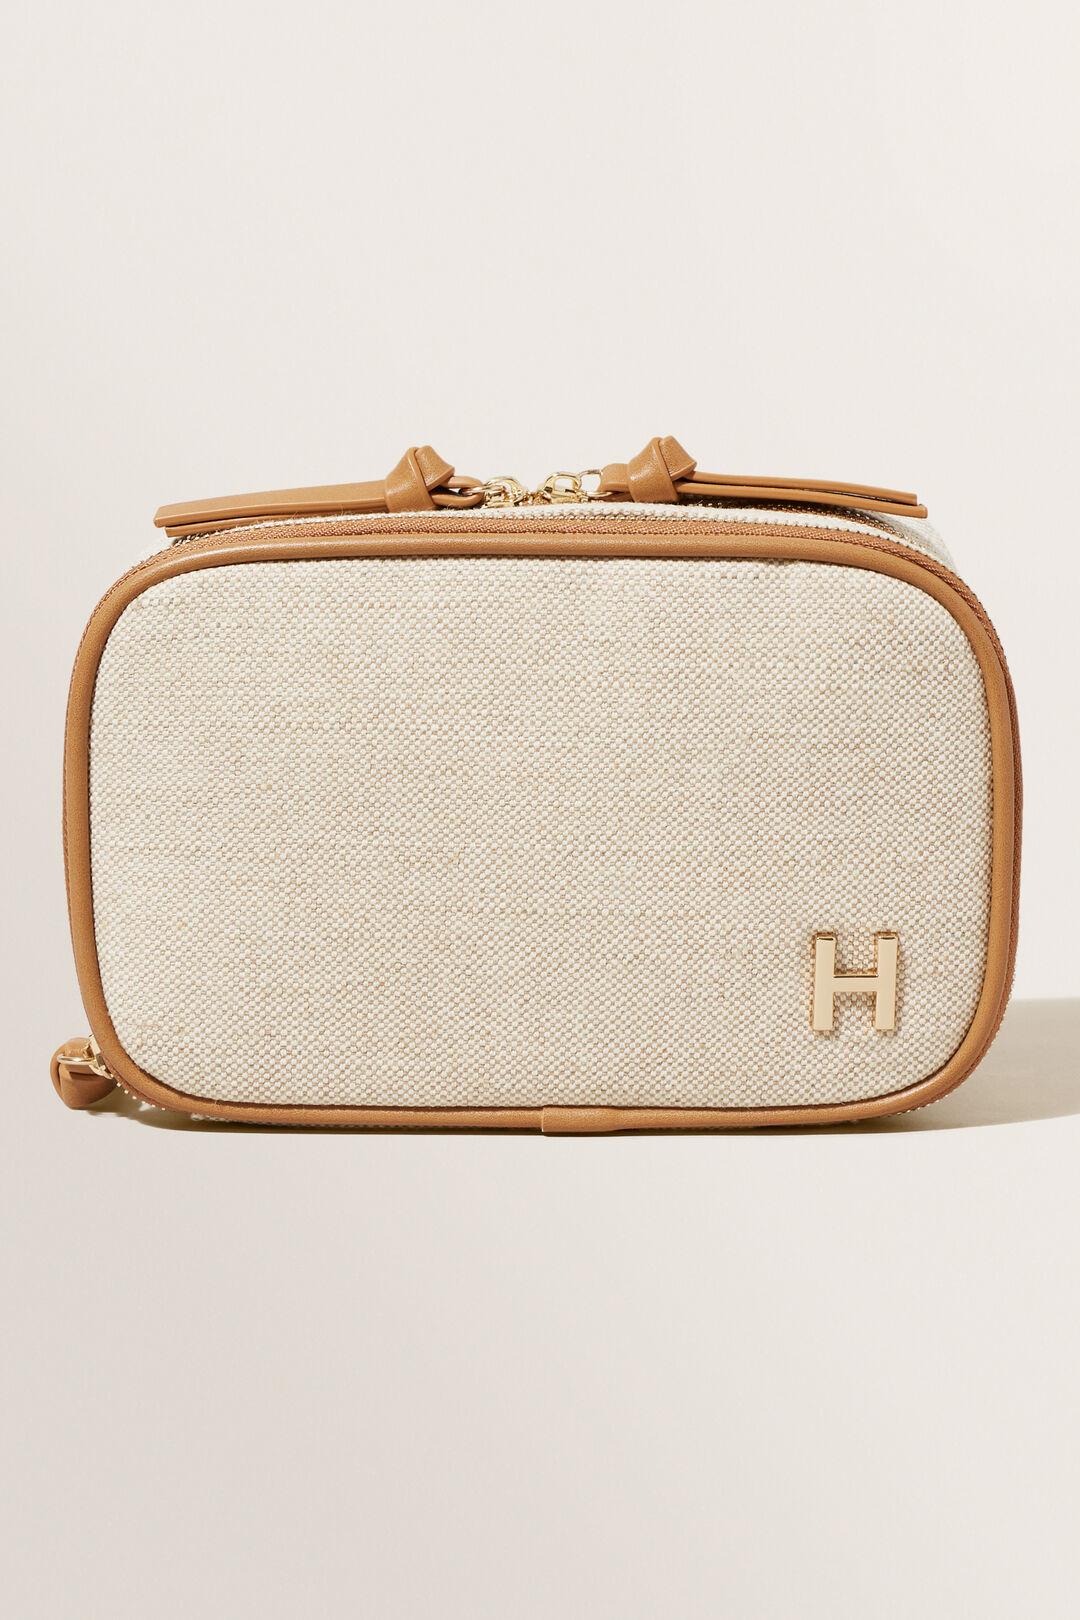 Initial Makeup Case  H  hi-res